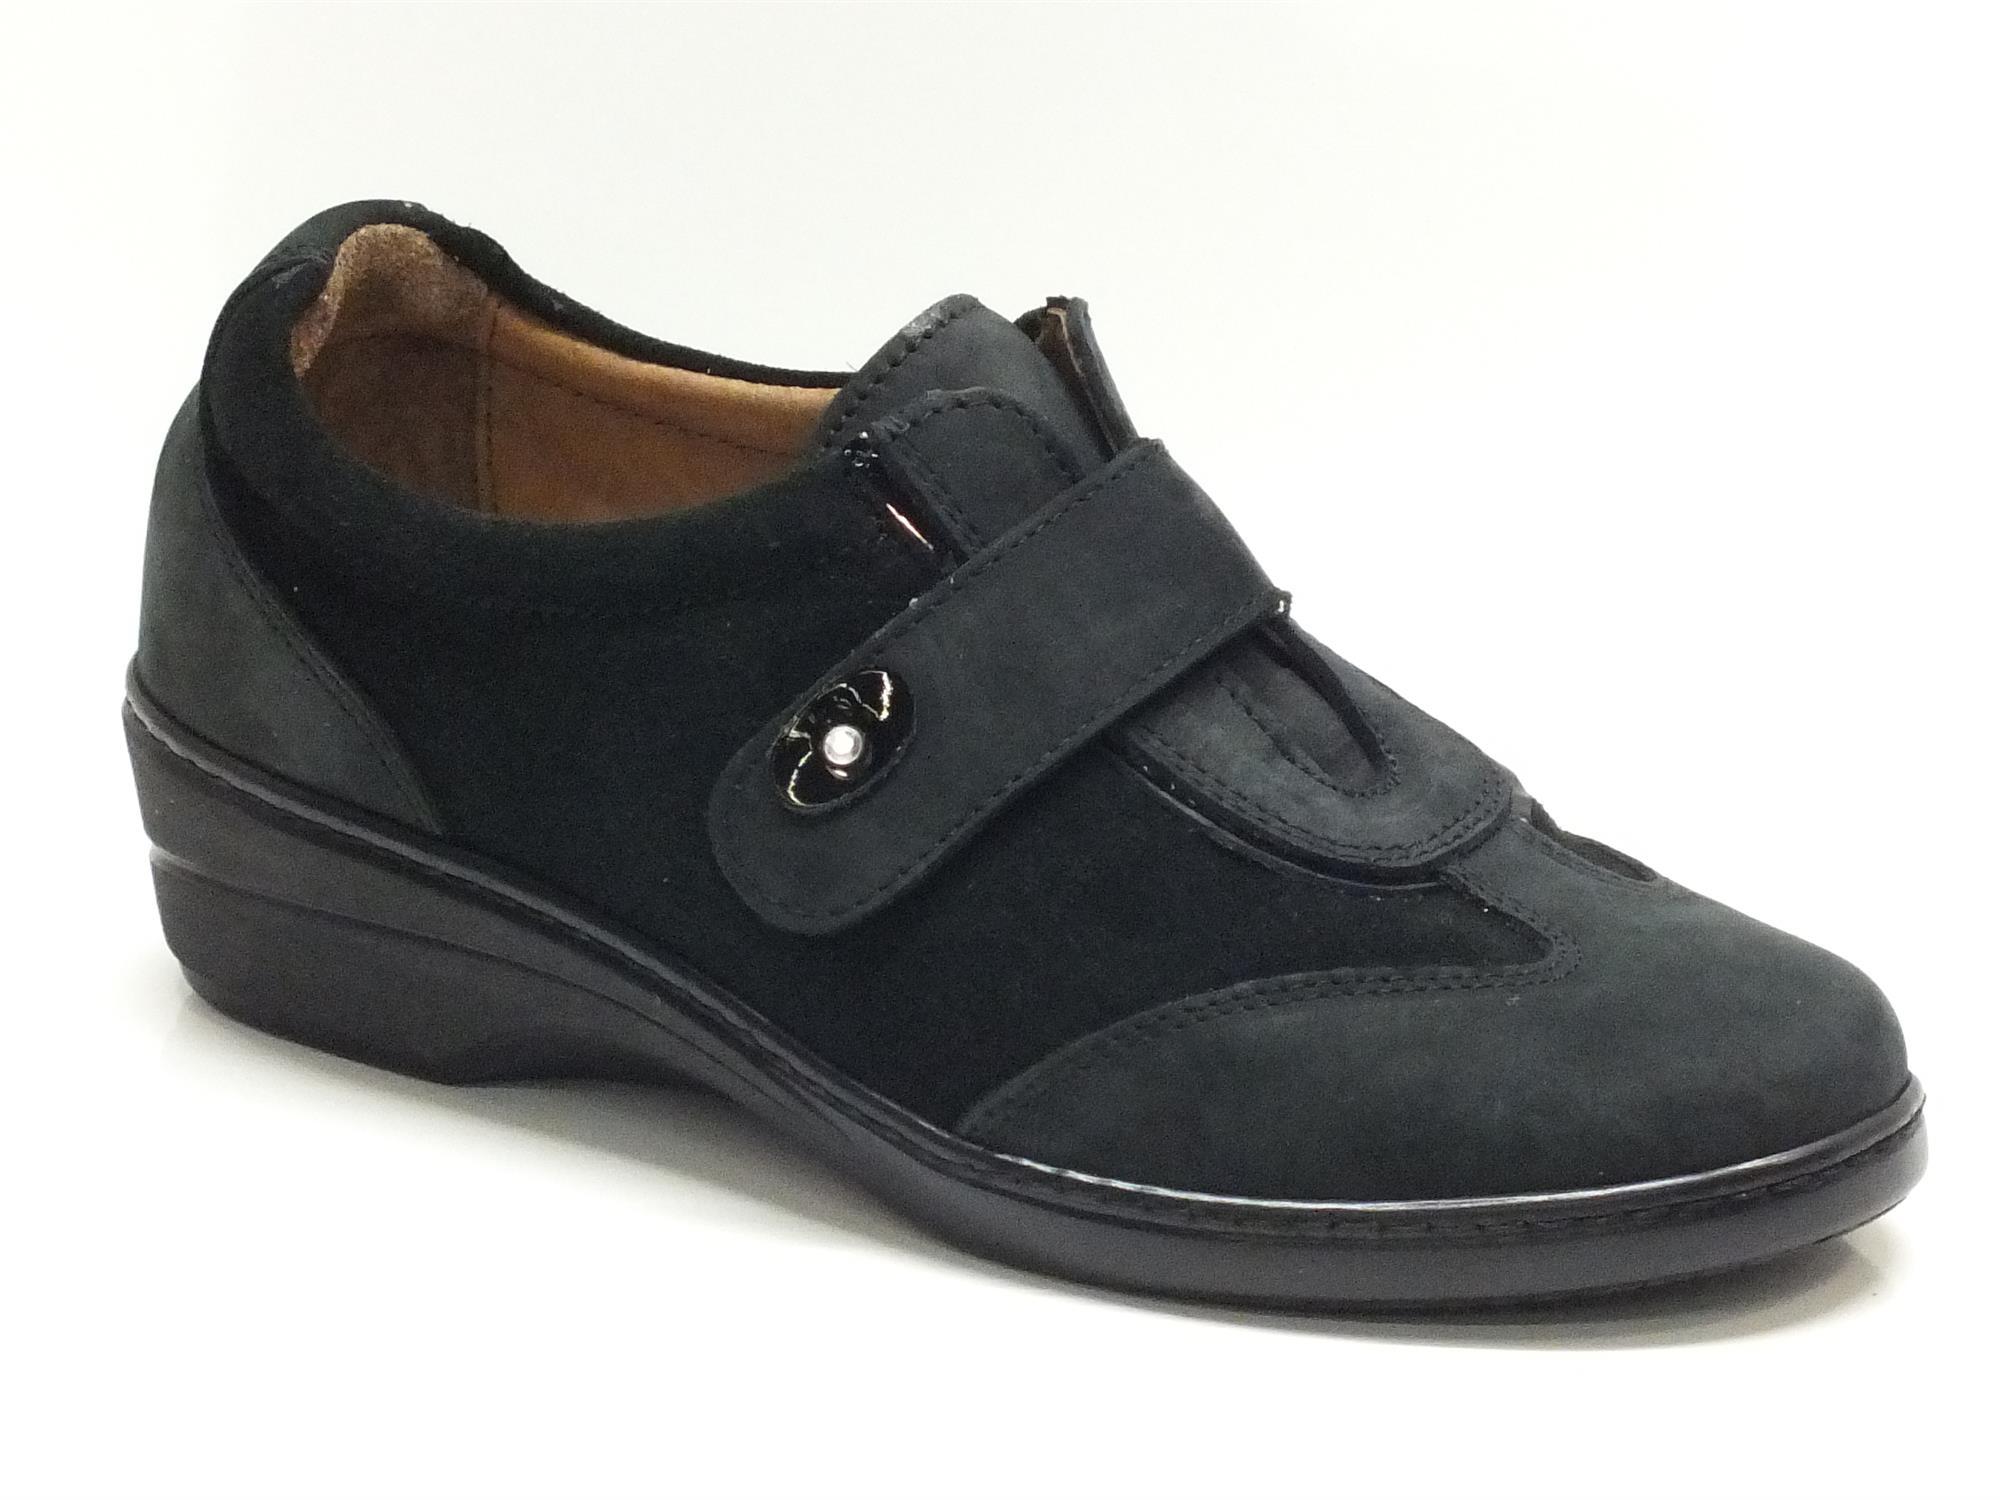 b922eb5878e09 Sneakers Cinzia Soft donna camoscio nero - Vitiello Calzature